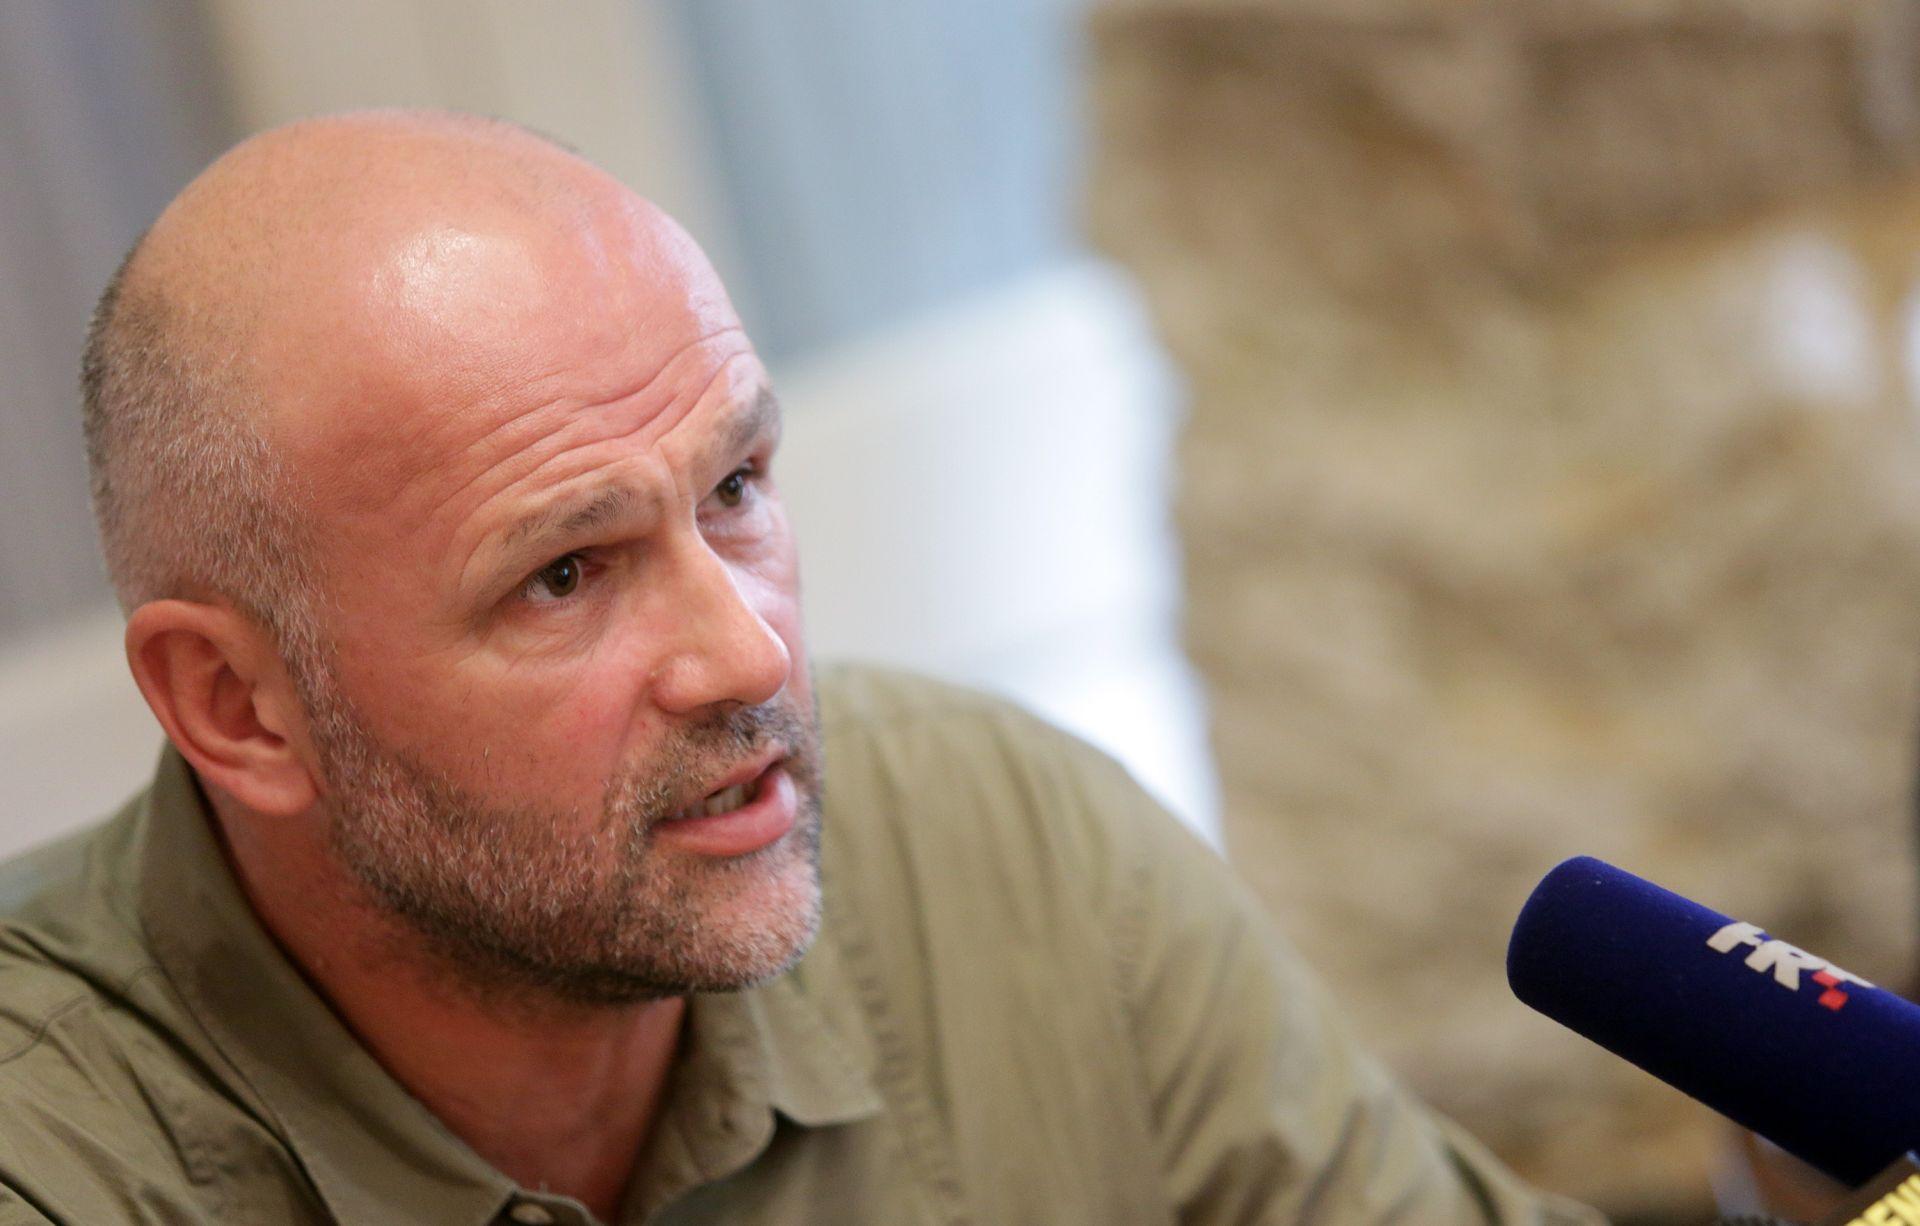 HND poziva Nogometni savez da povuče odluku kojom Index.hr-u uskraćuje informacije